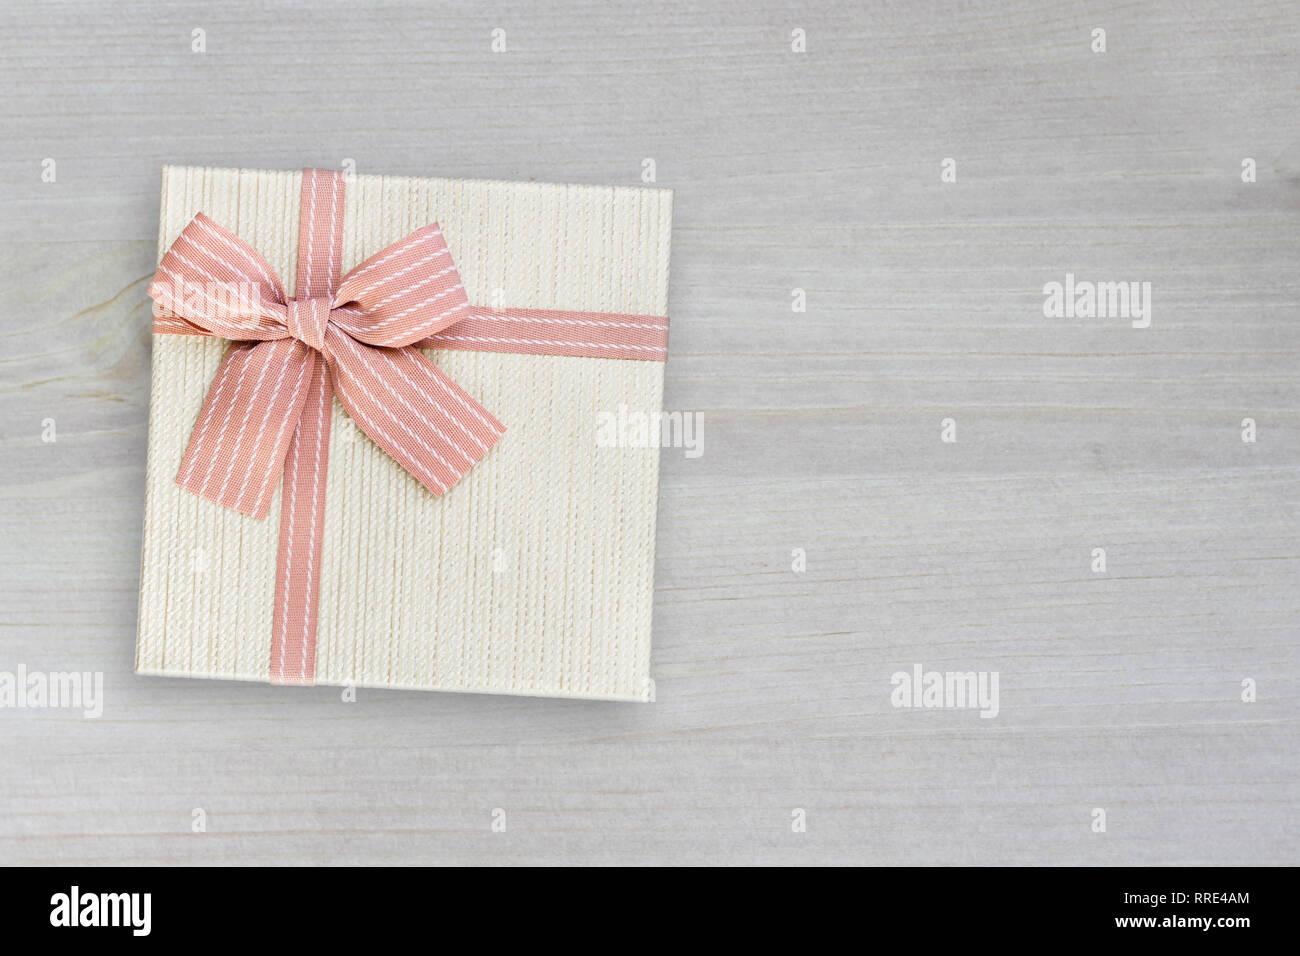 Geschenkkarton Weihnachten.Beige Geschenkkarton Mit Pink Ribbon Auf Holz Hintergrund